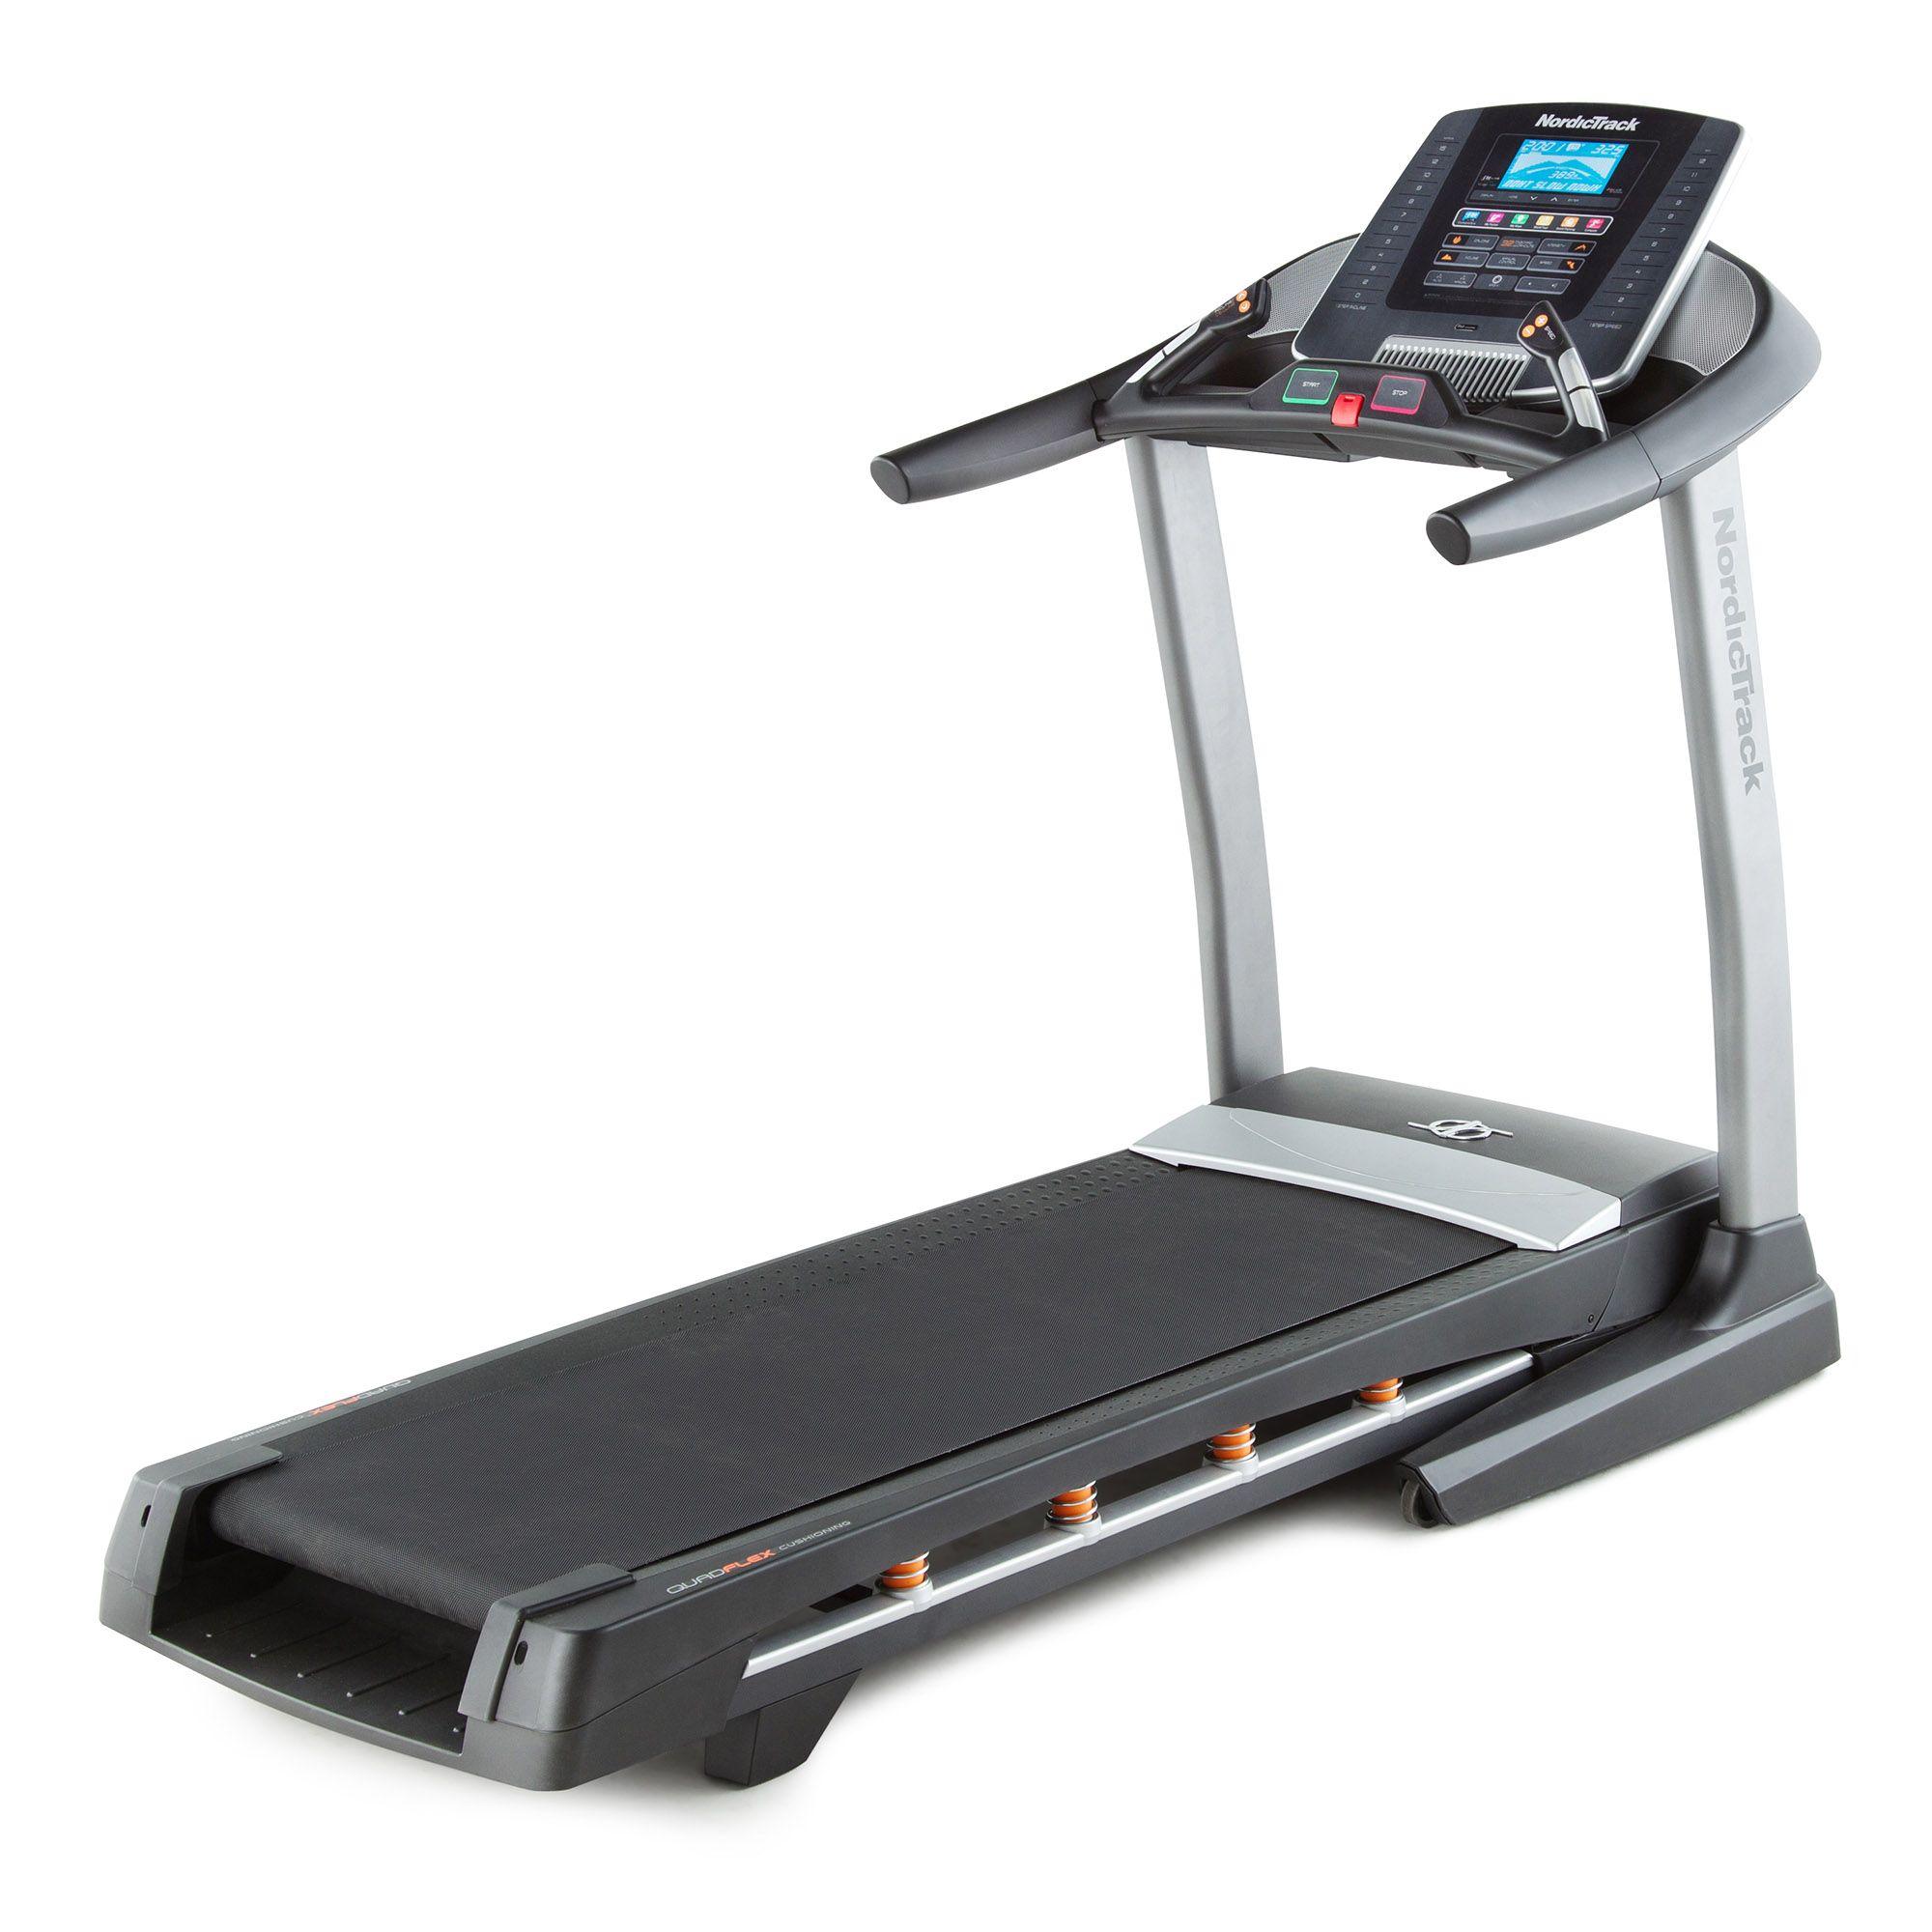 A treadmill as a gift